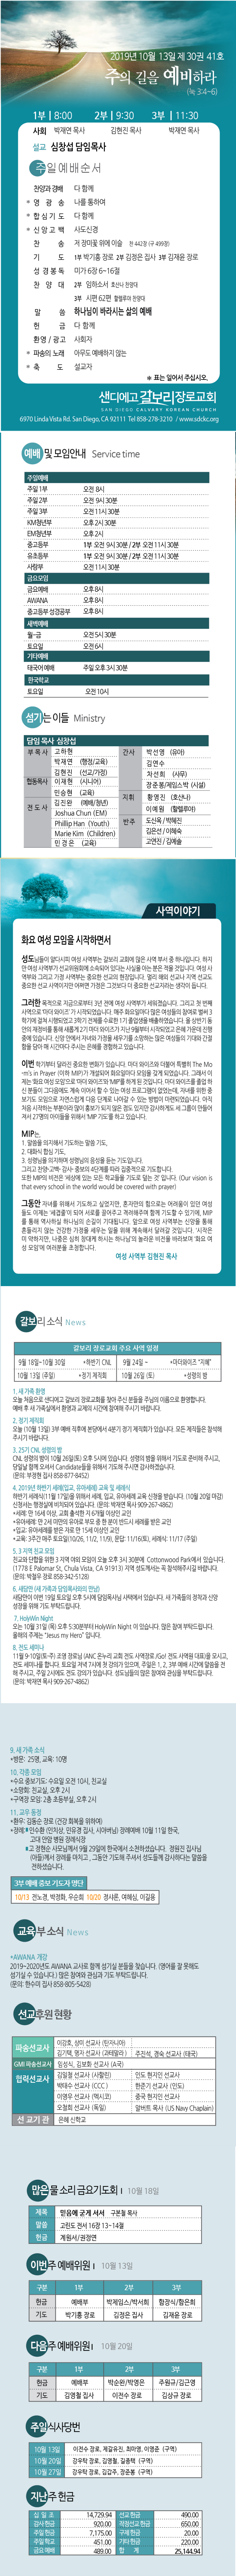 10월 둘쨋주 주보소식.png